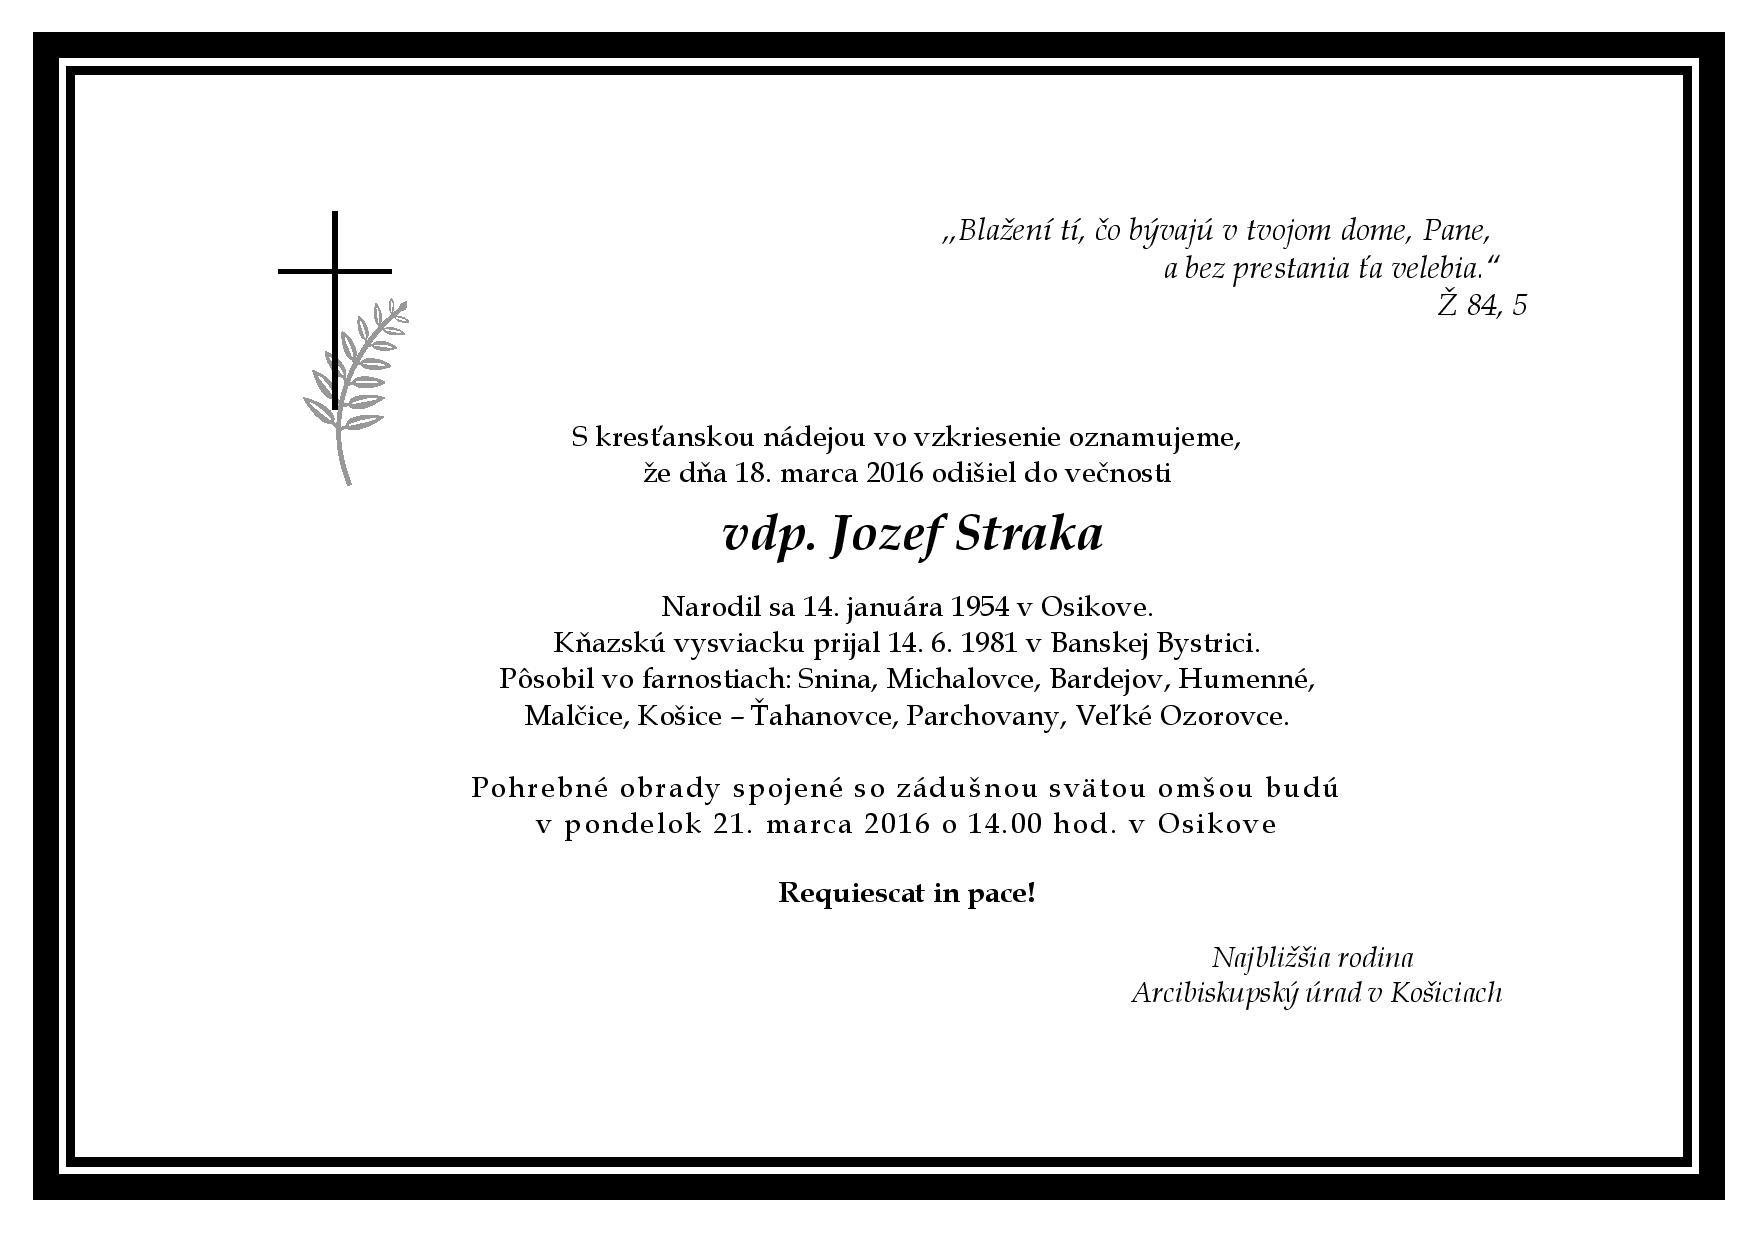 Parte Vdp Jozef Straka Page 001